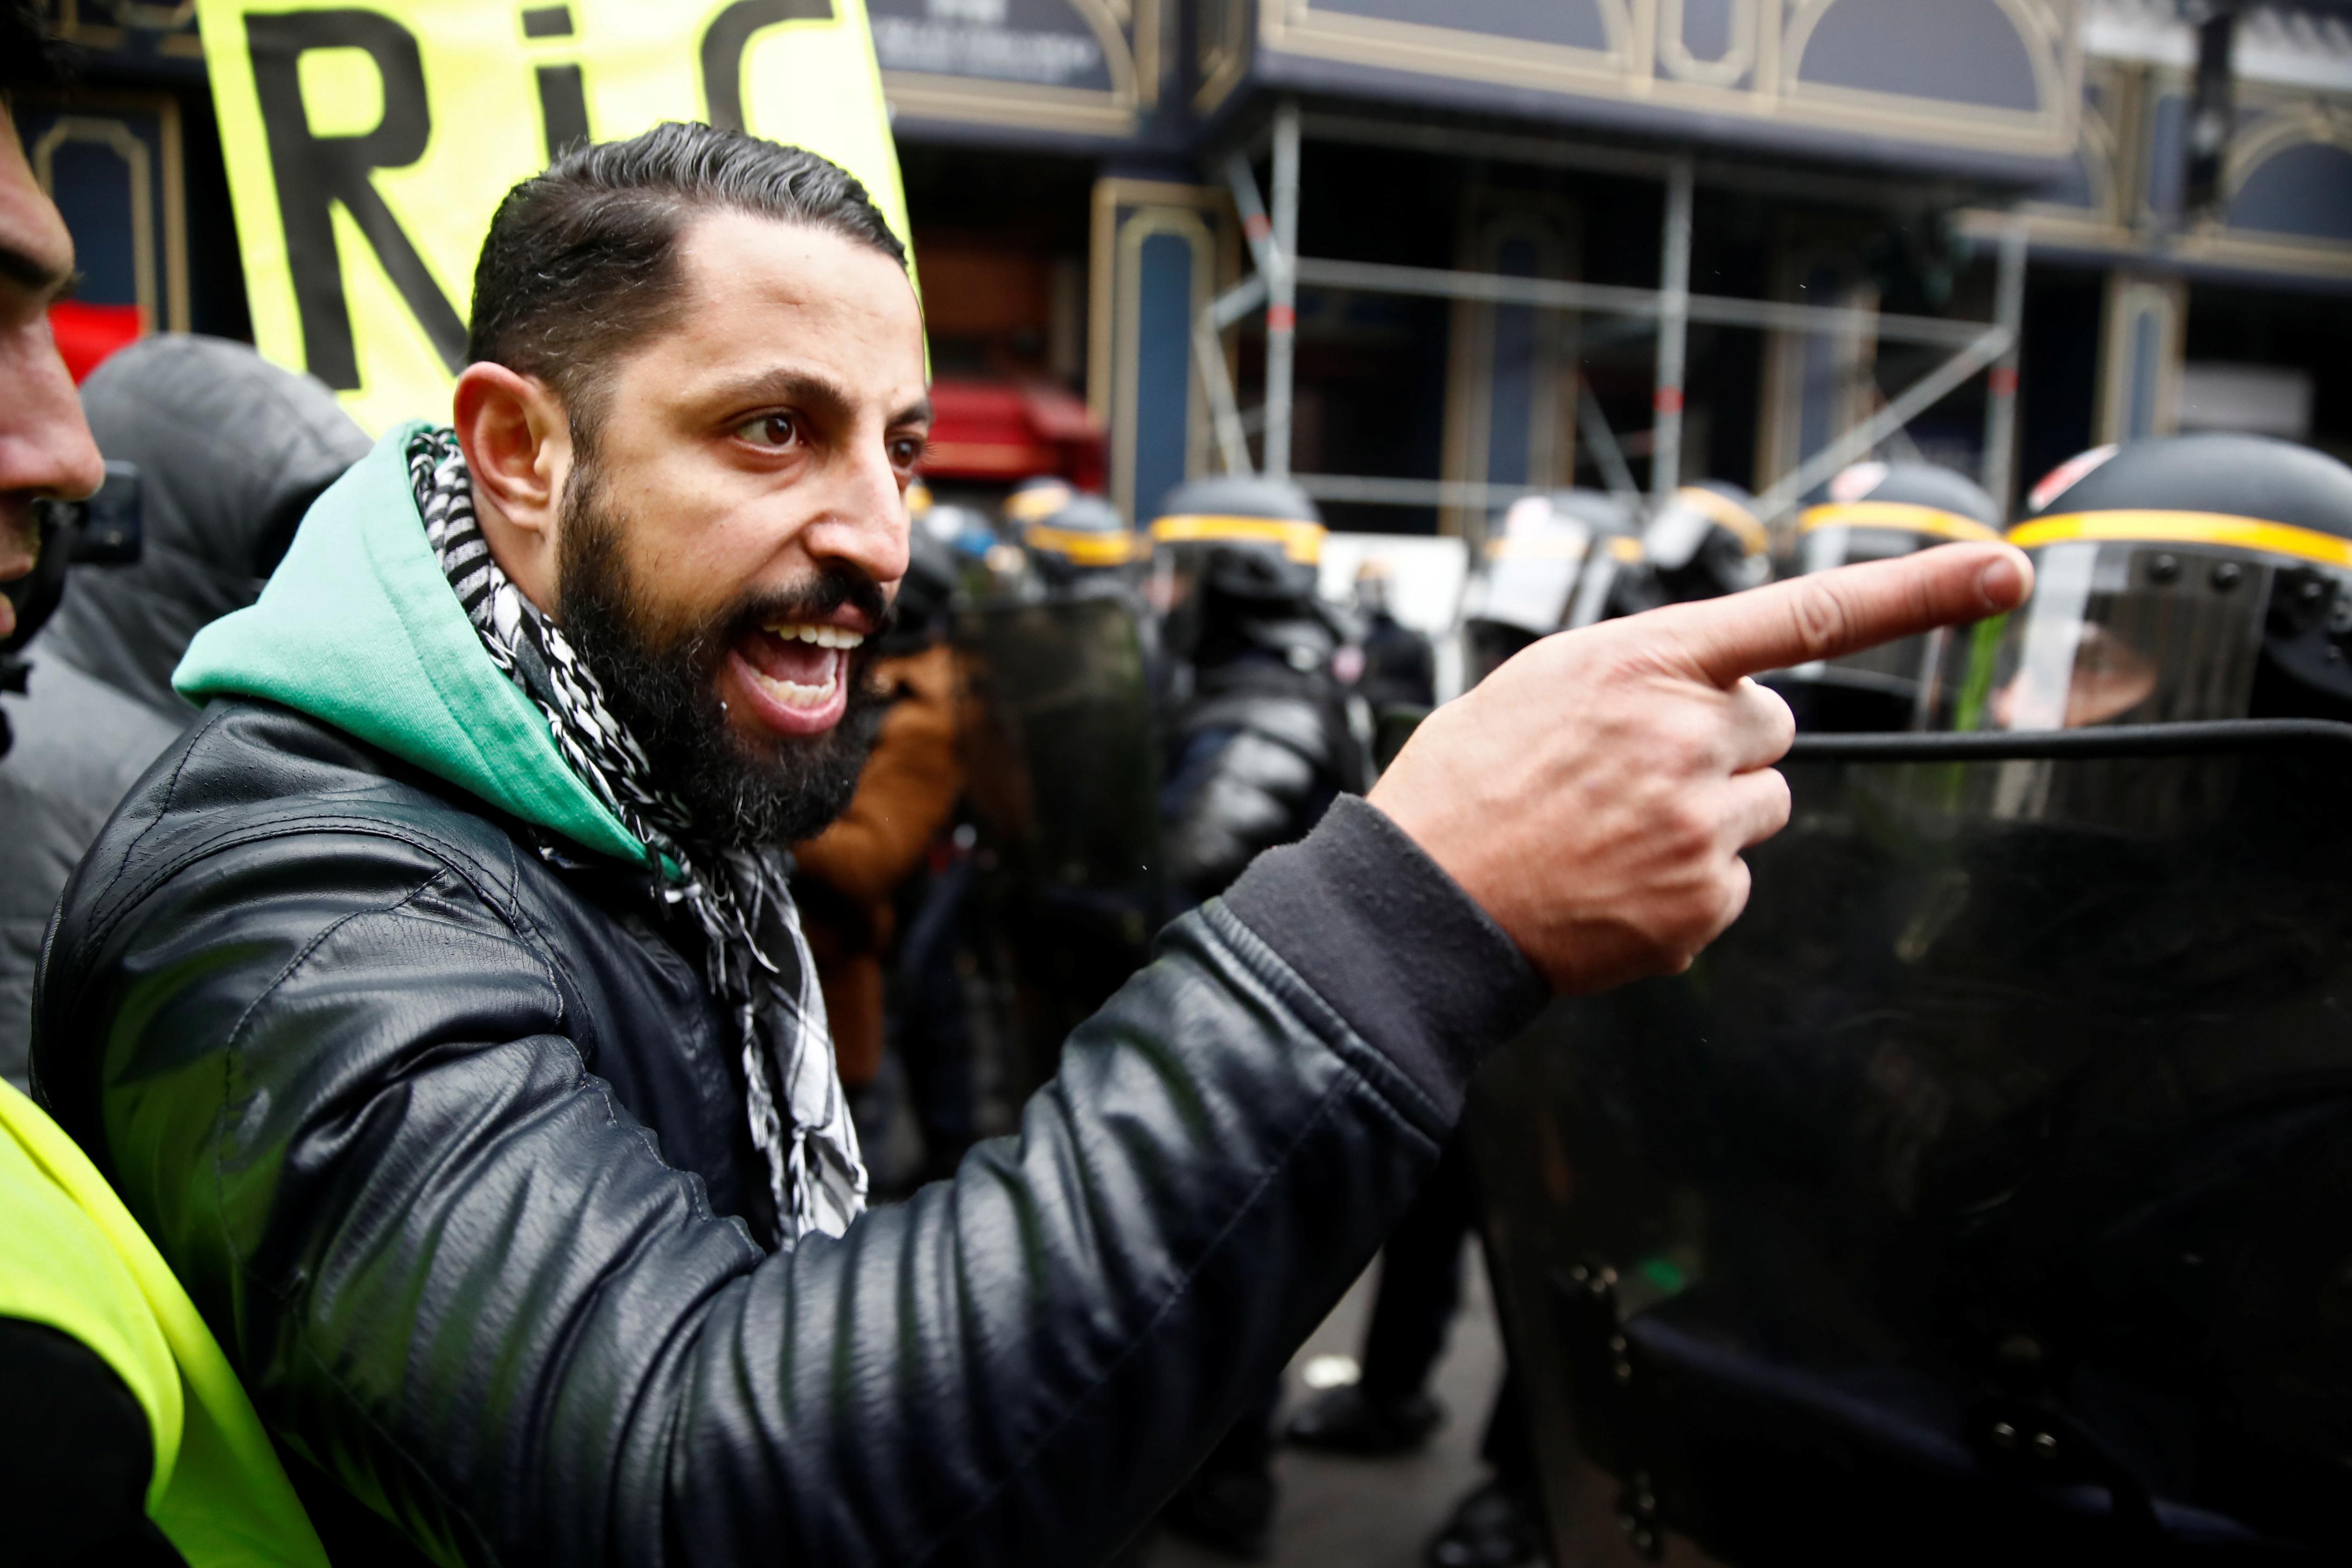 مناقشة حادة بين متظاهر ورجال شرطة